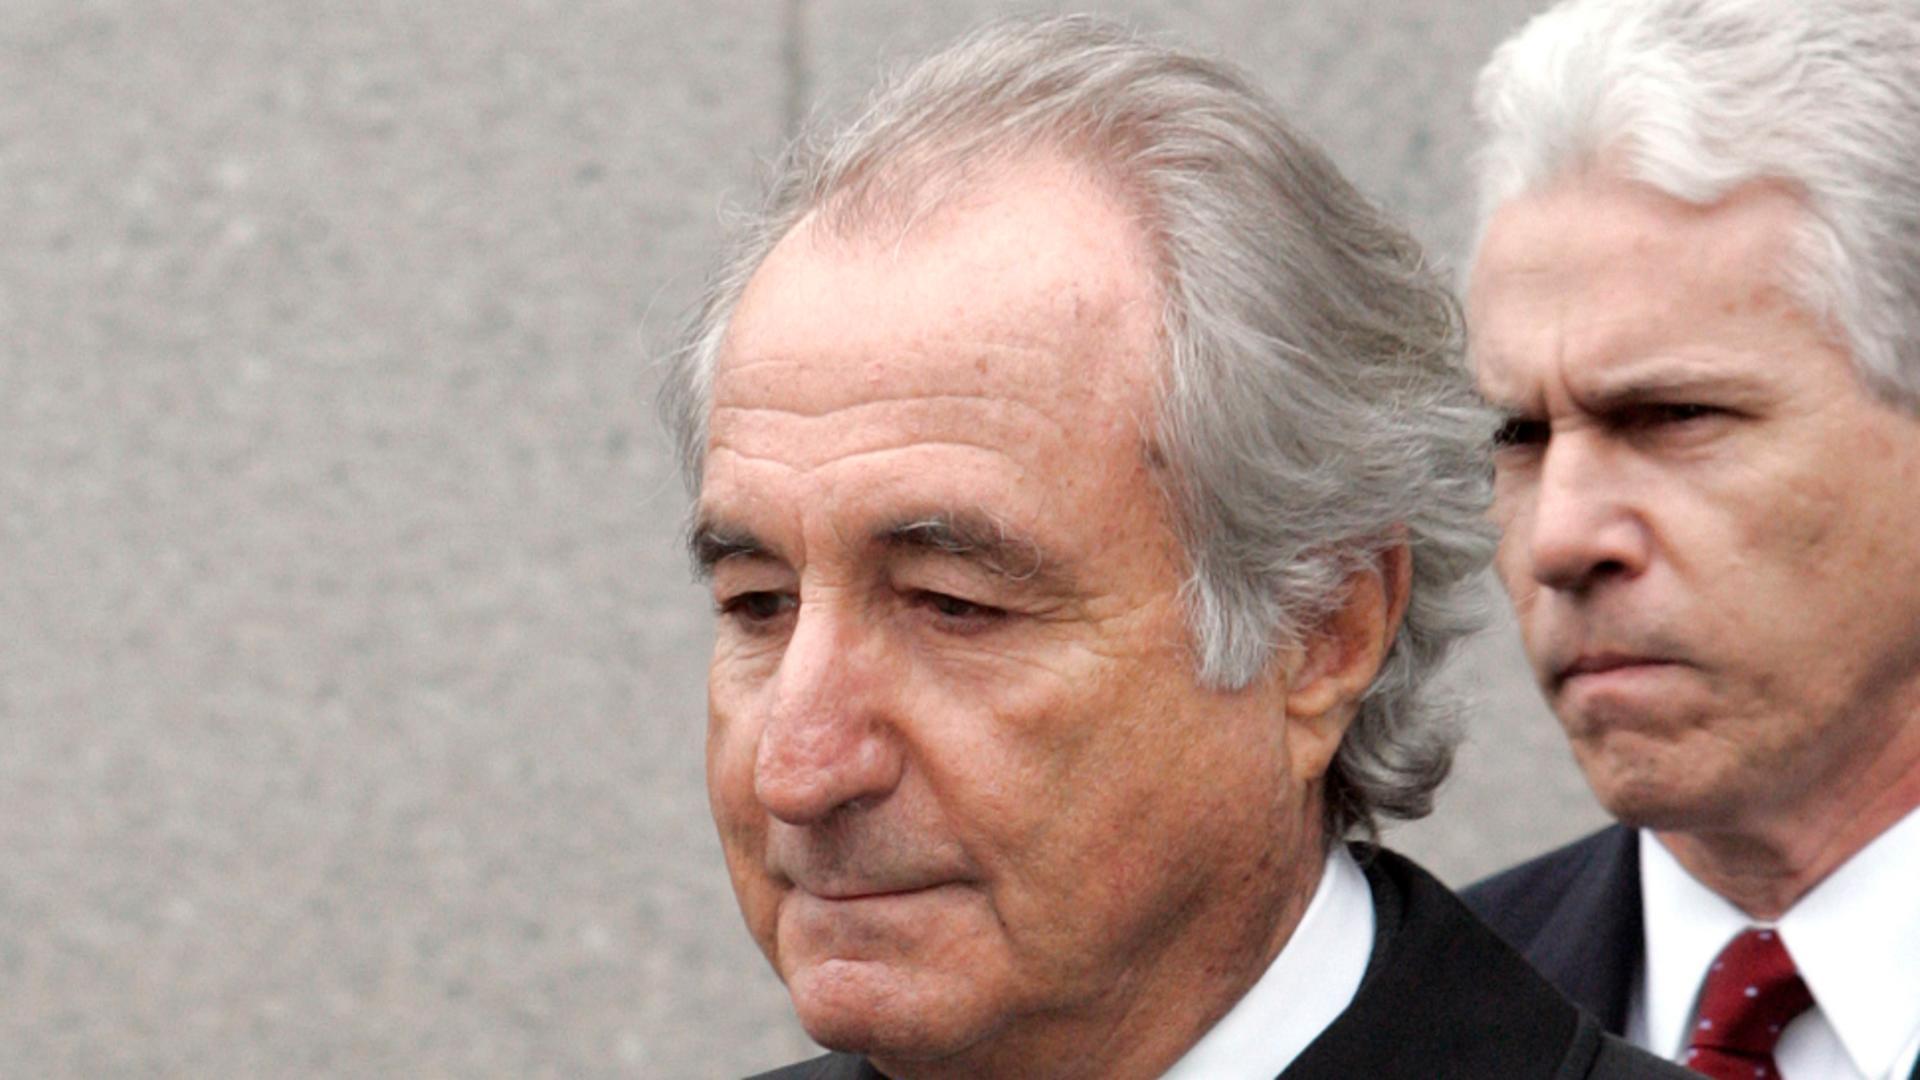 bernie-madoff-arhitectul-celei-mai-mari-fraude-financiare-din-istorie-a-murit